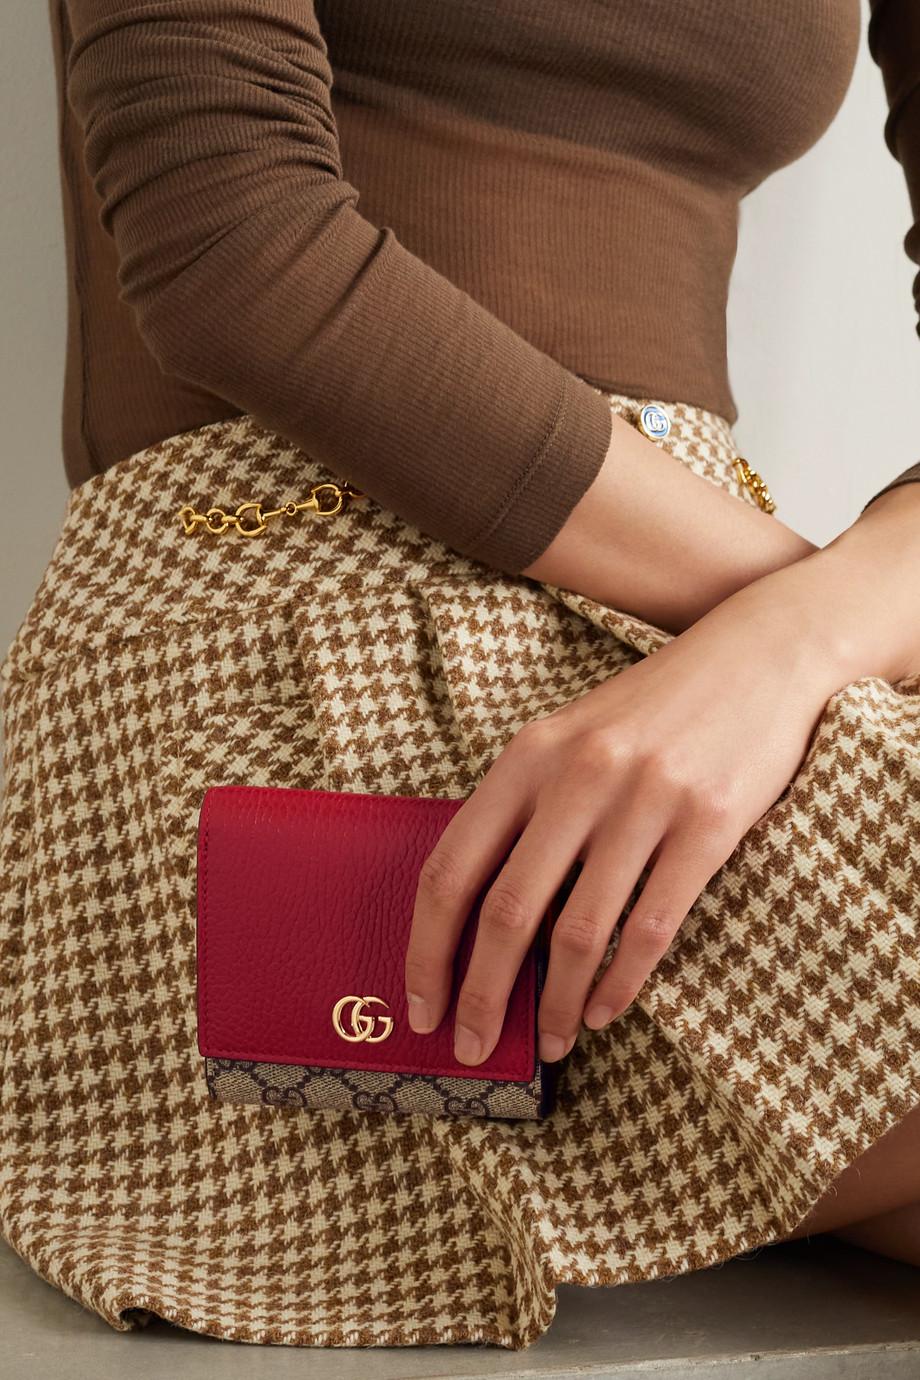 Gucci Portefeuille en toile enduite imprimée et en cuir texturé GG Marmont Petite Medium - NET SUSTAIN